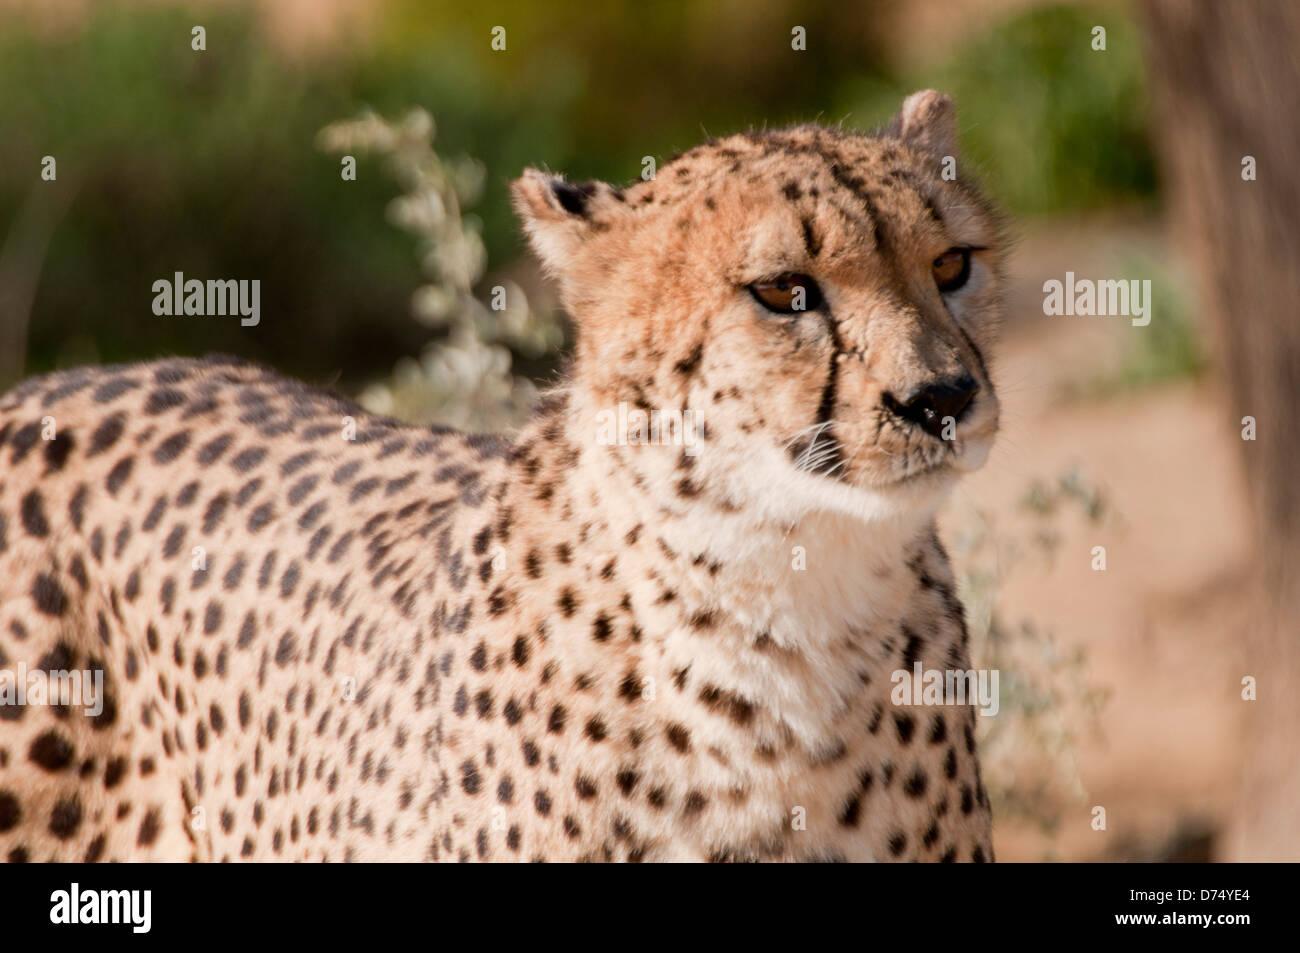 Cheetah walking in the sun. - Stock Image